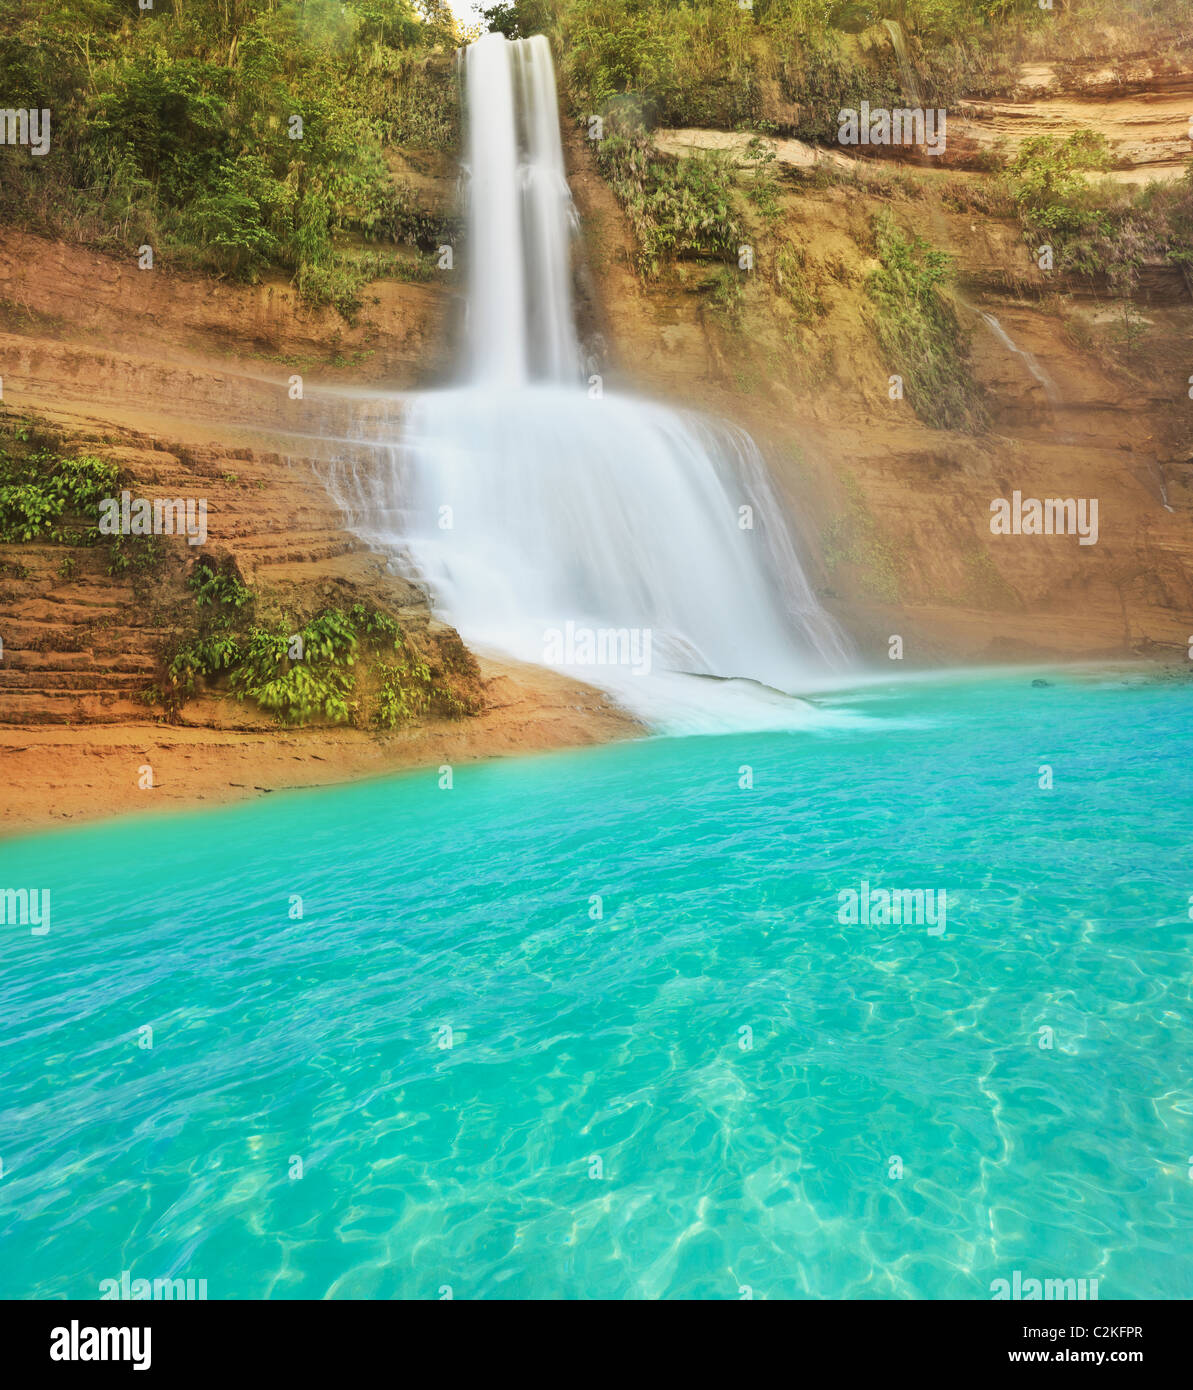 Hermosa cascada en día soleado de verano. Filipinas Foto de stock